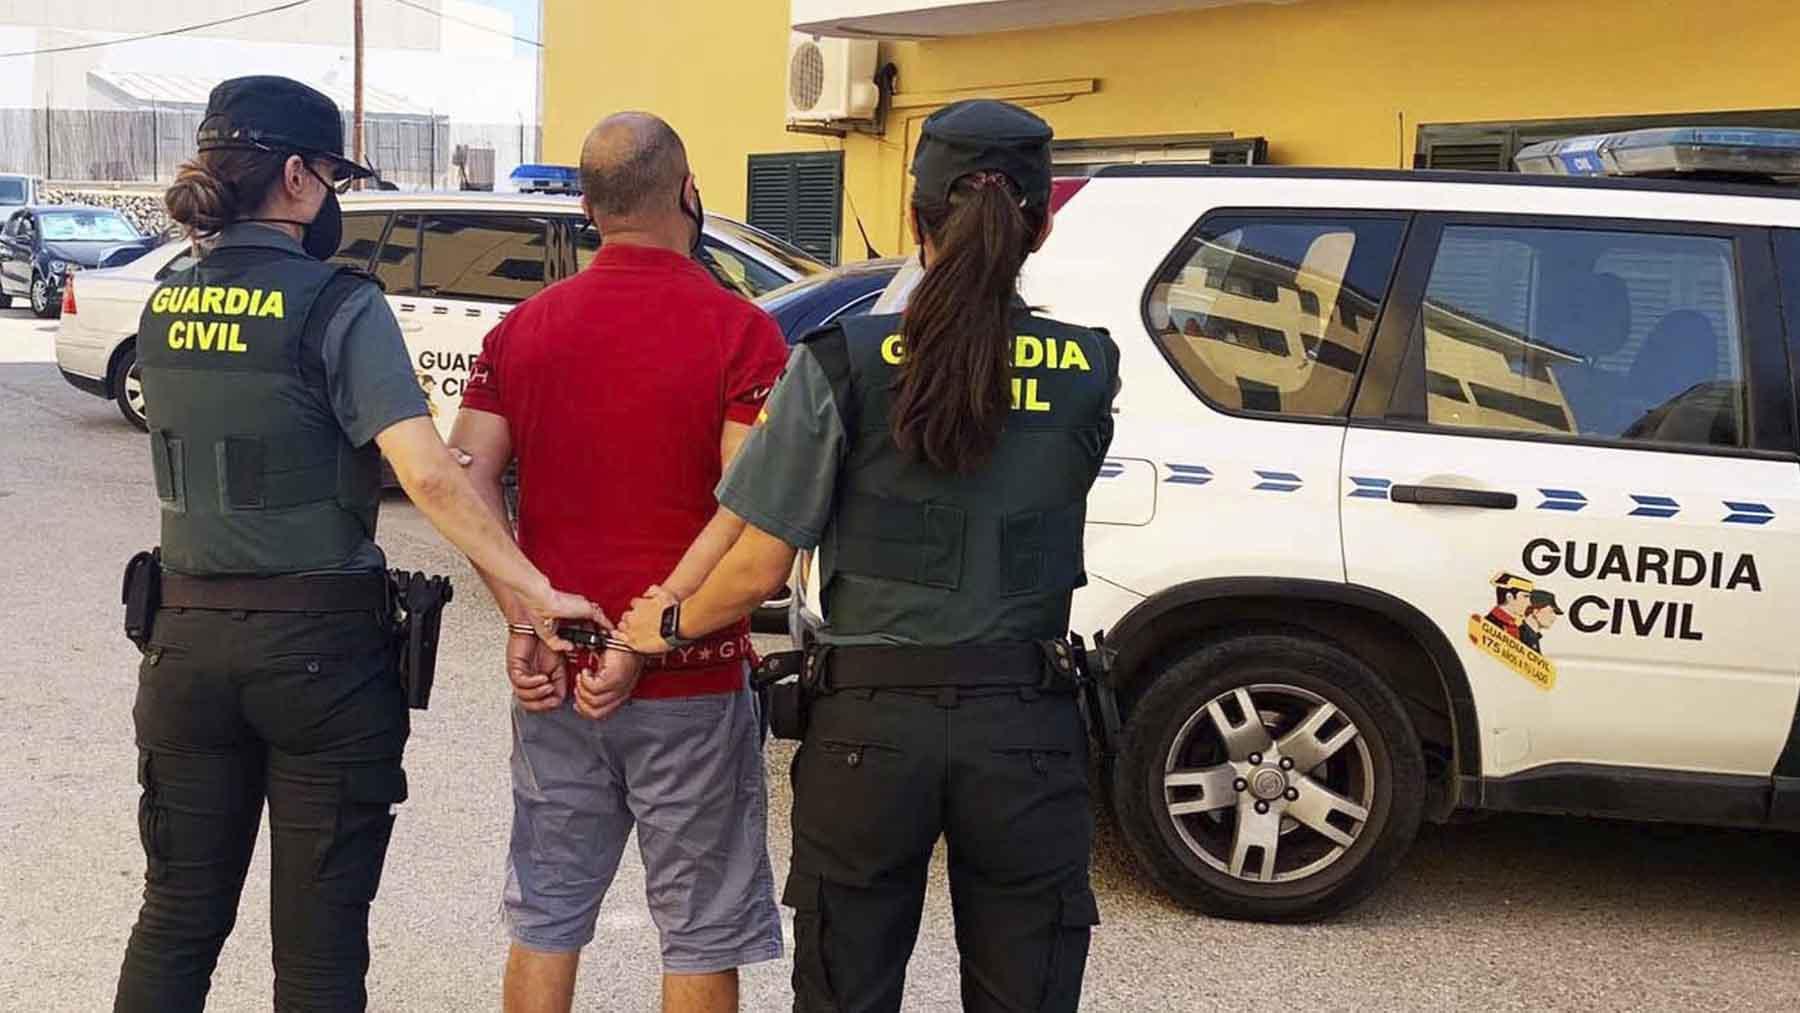 La Guardia Civil se lleva detenido al agresor. Foto: Europa Press.